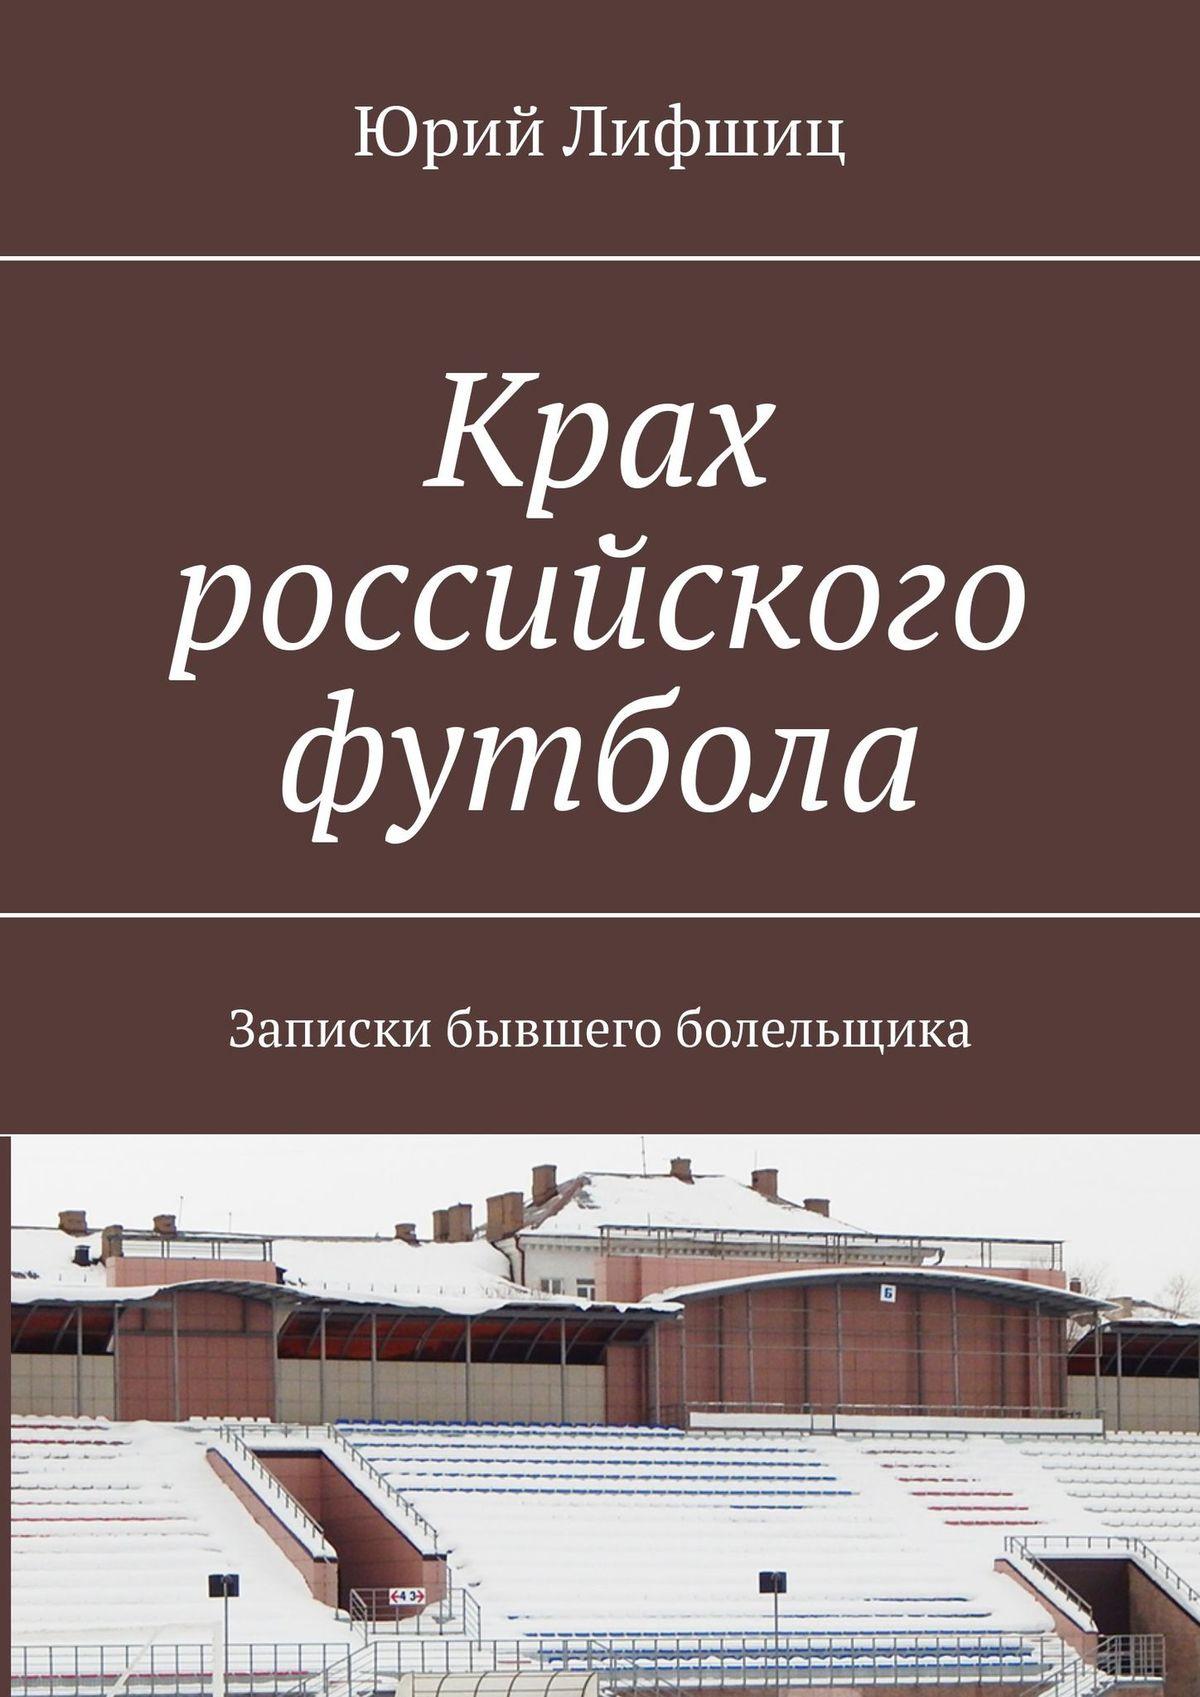 Юрий Лифшиц Мое проклятие российскому футболу. Записки бывшего болельщика